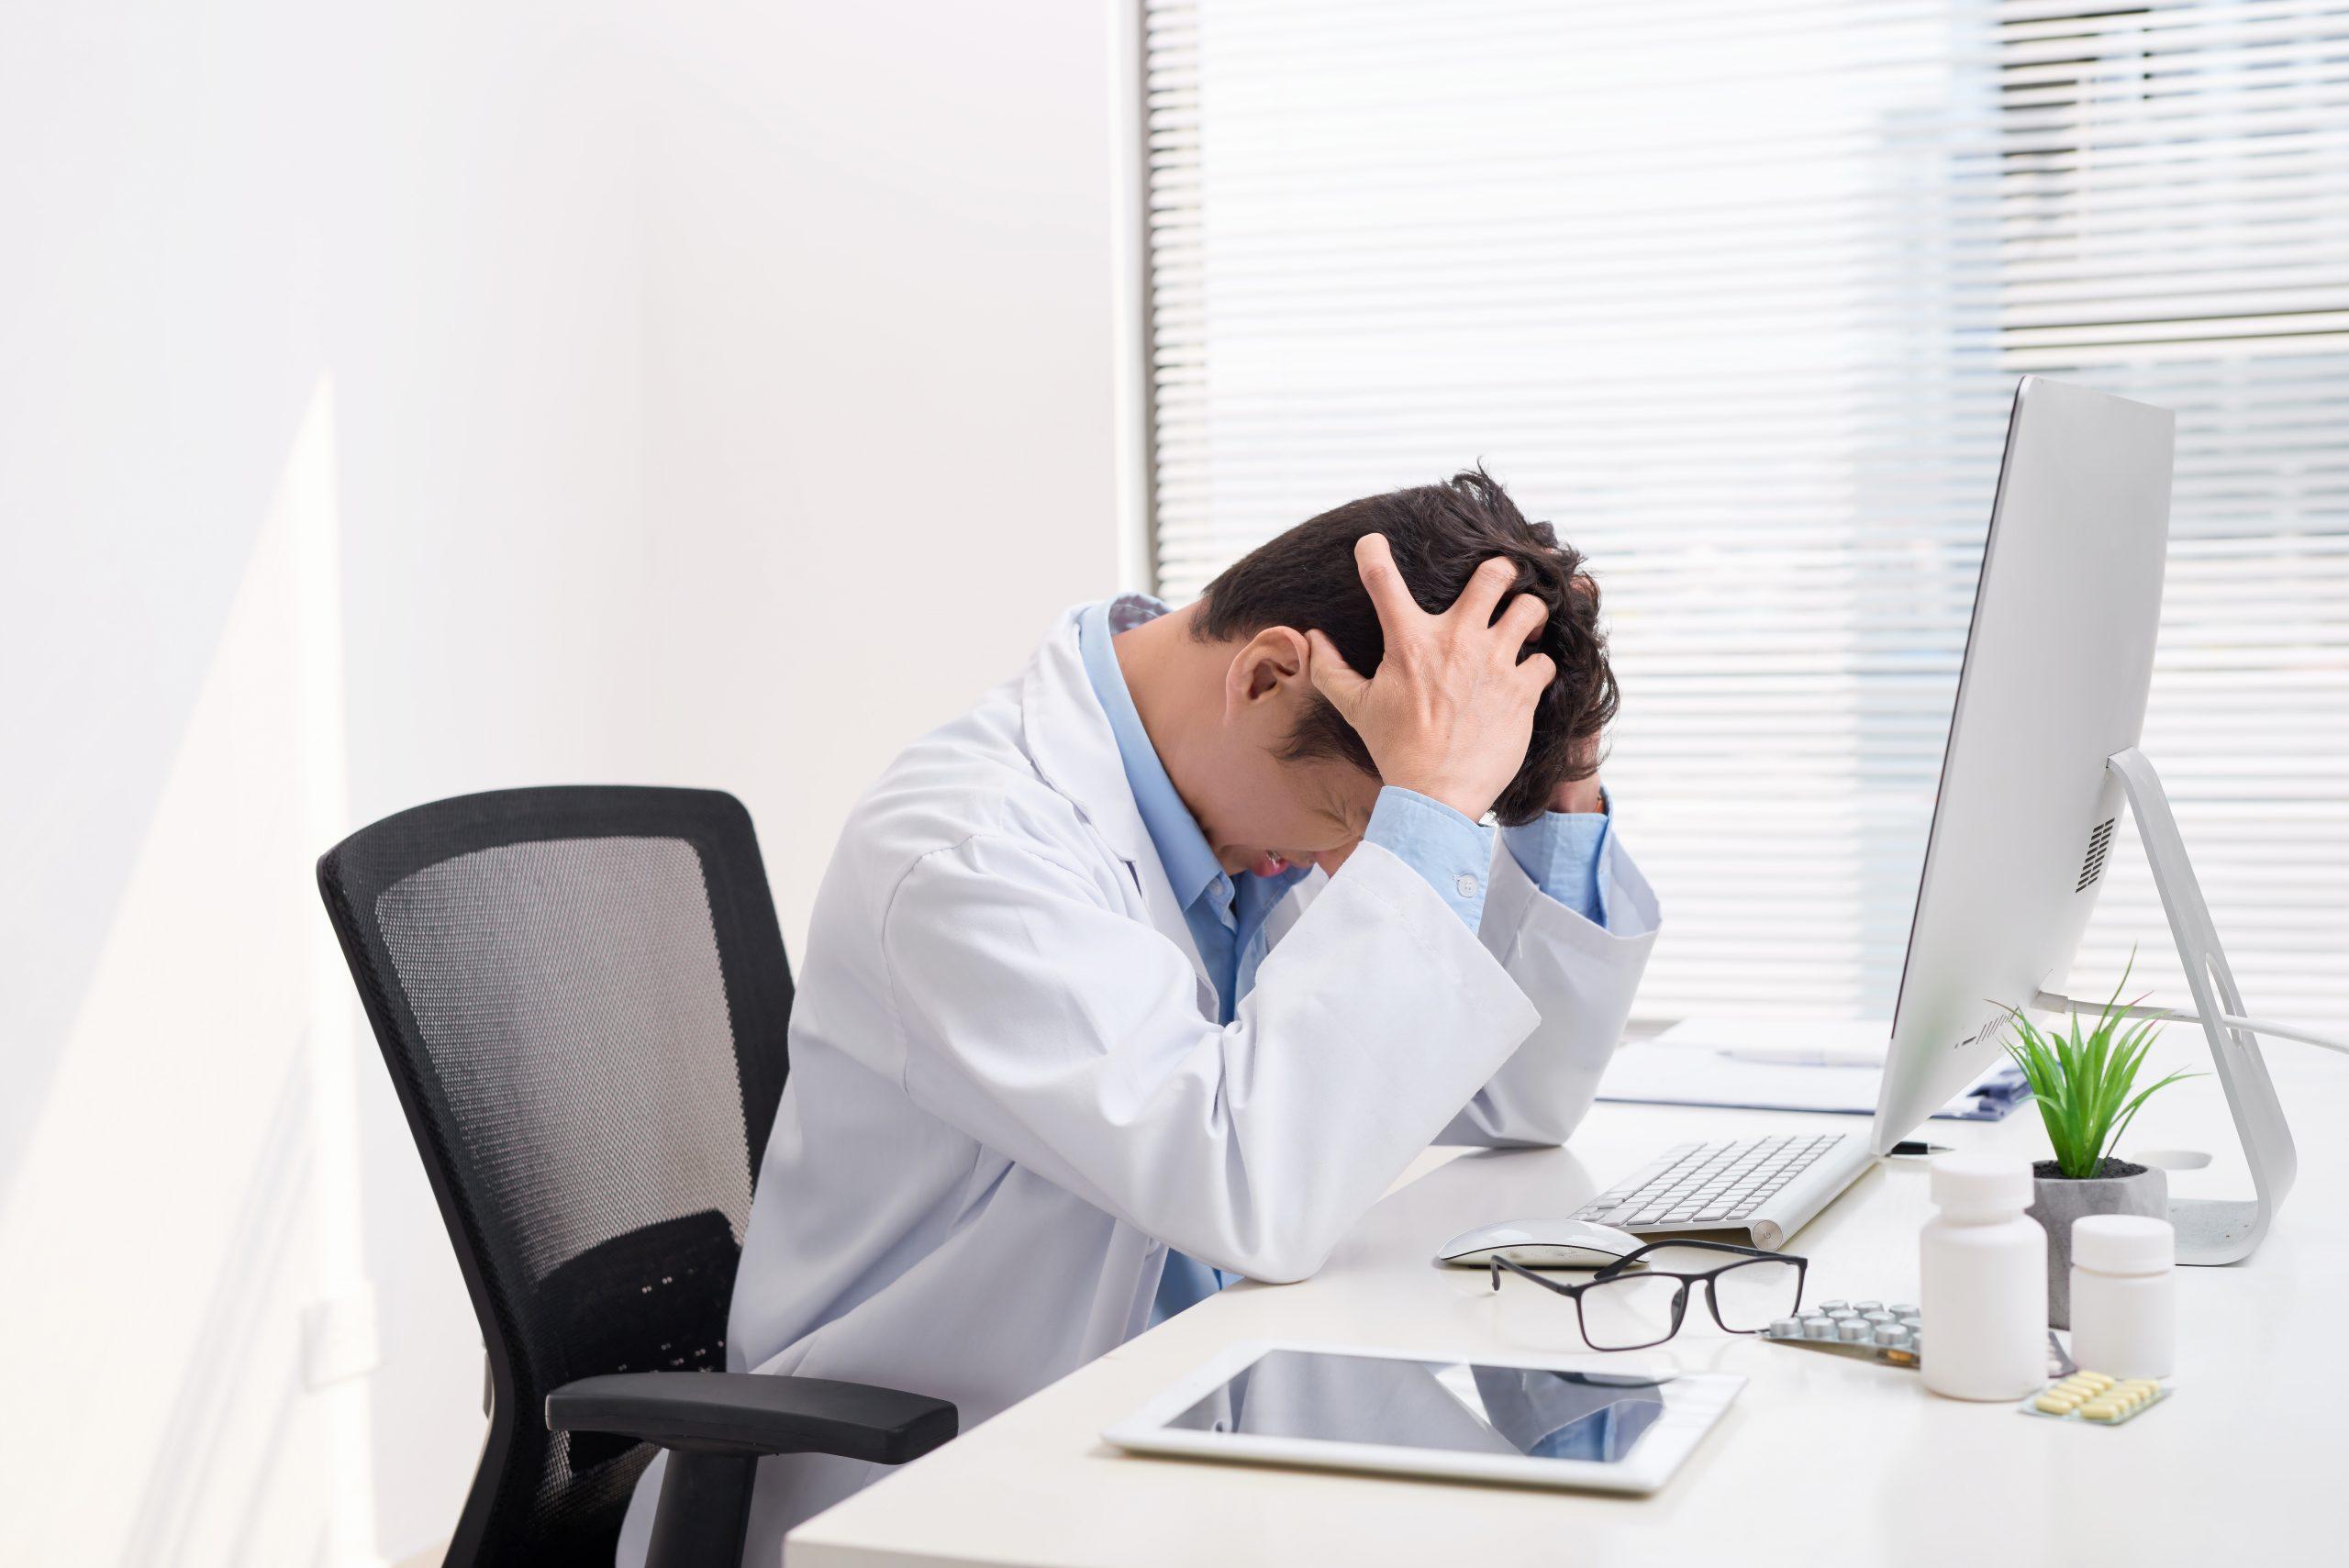 医師の過酷な状況